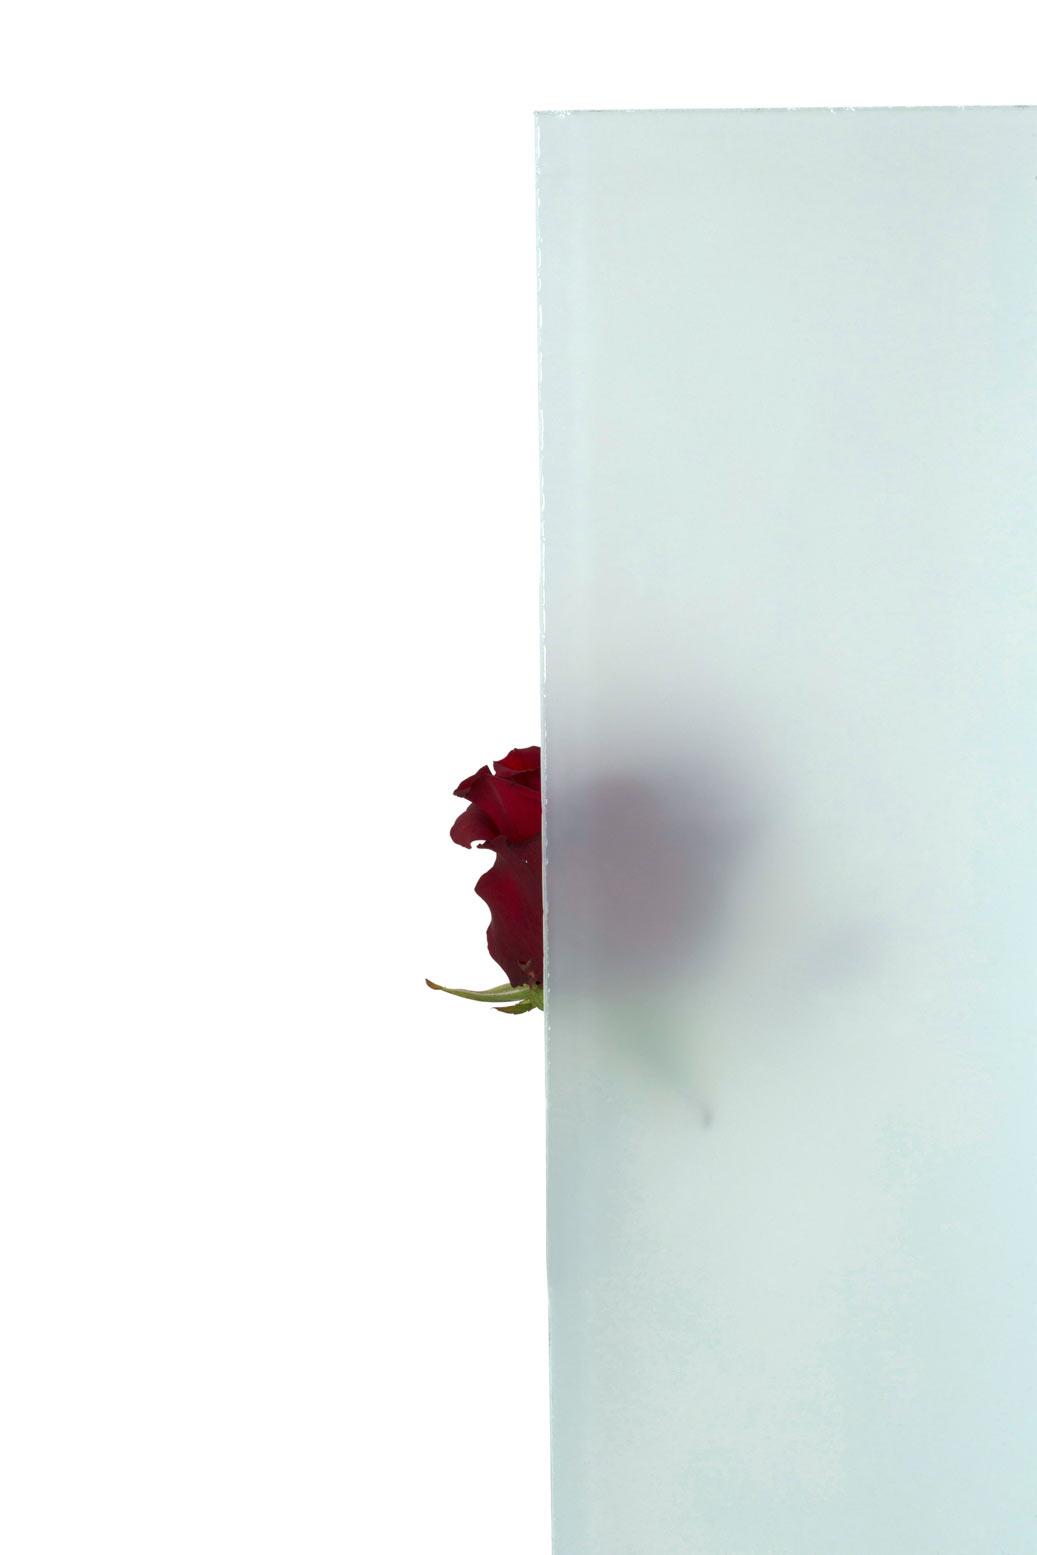 Quelle vitrage pour une cloison atelier d 39 artiste verre for Cloison atelier artiste